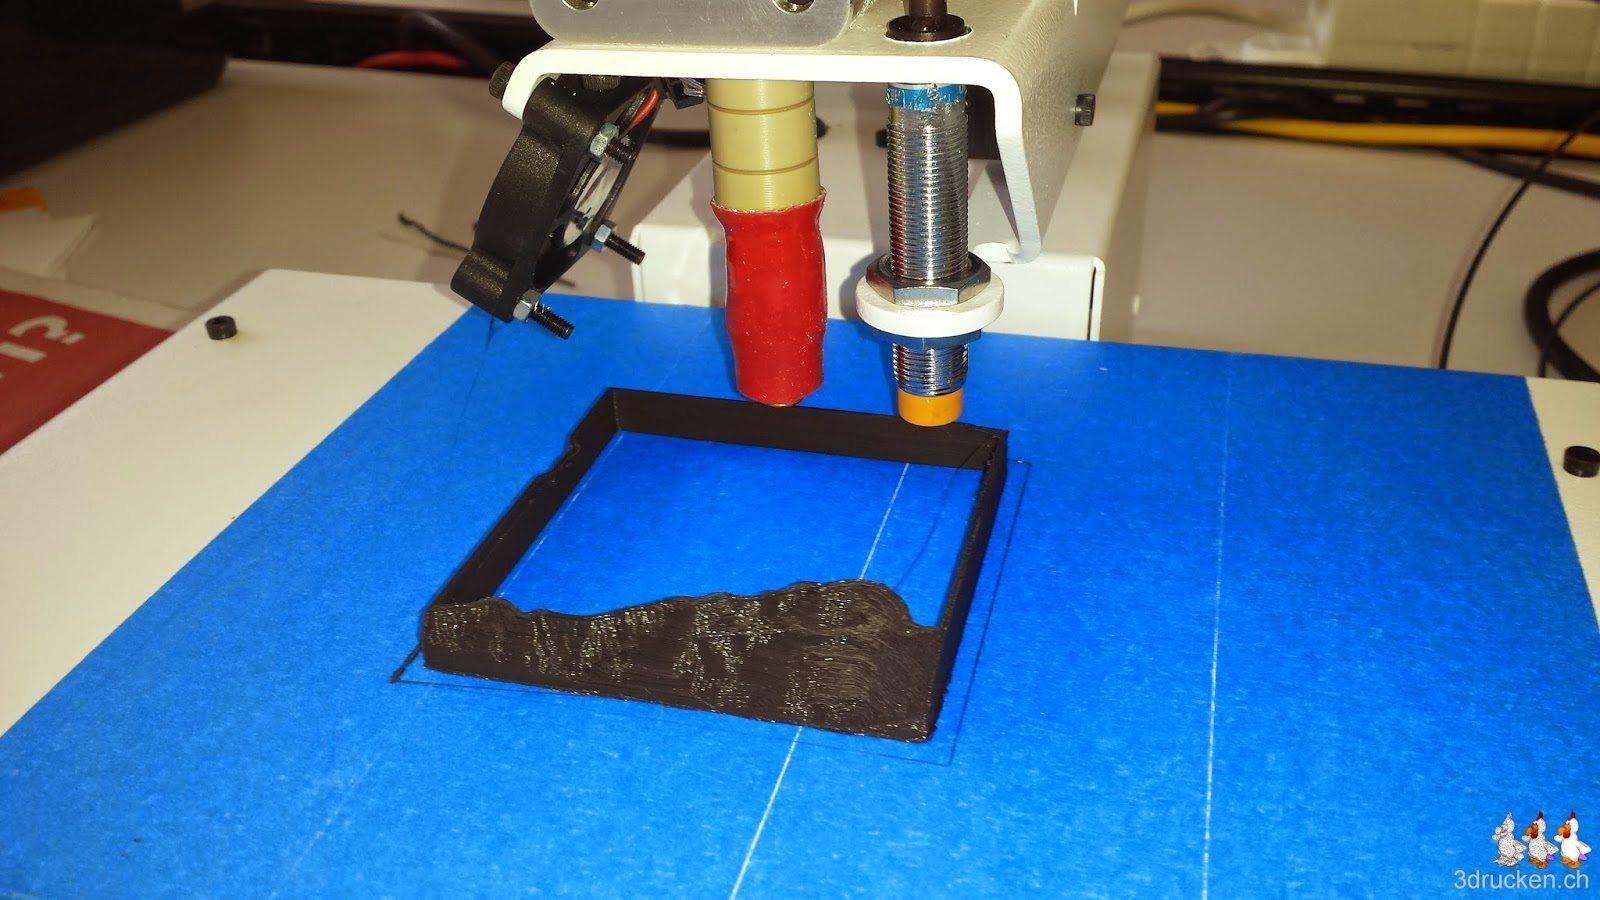 Foto während des Drucks mit geänderter Ausrichtung des Druckkopfs am Printrbot Simple Metal